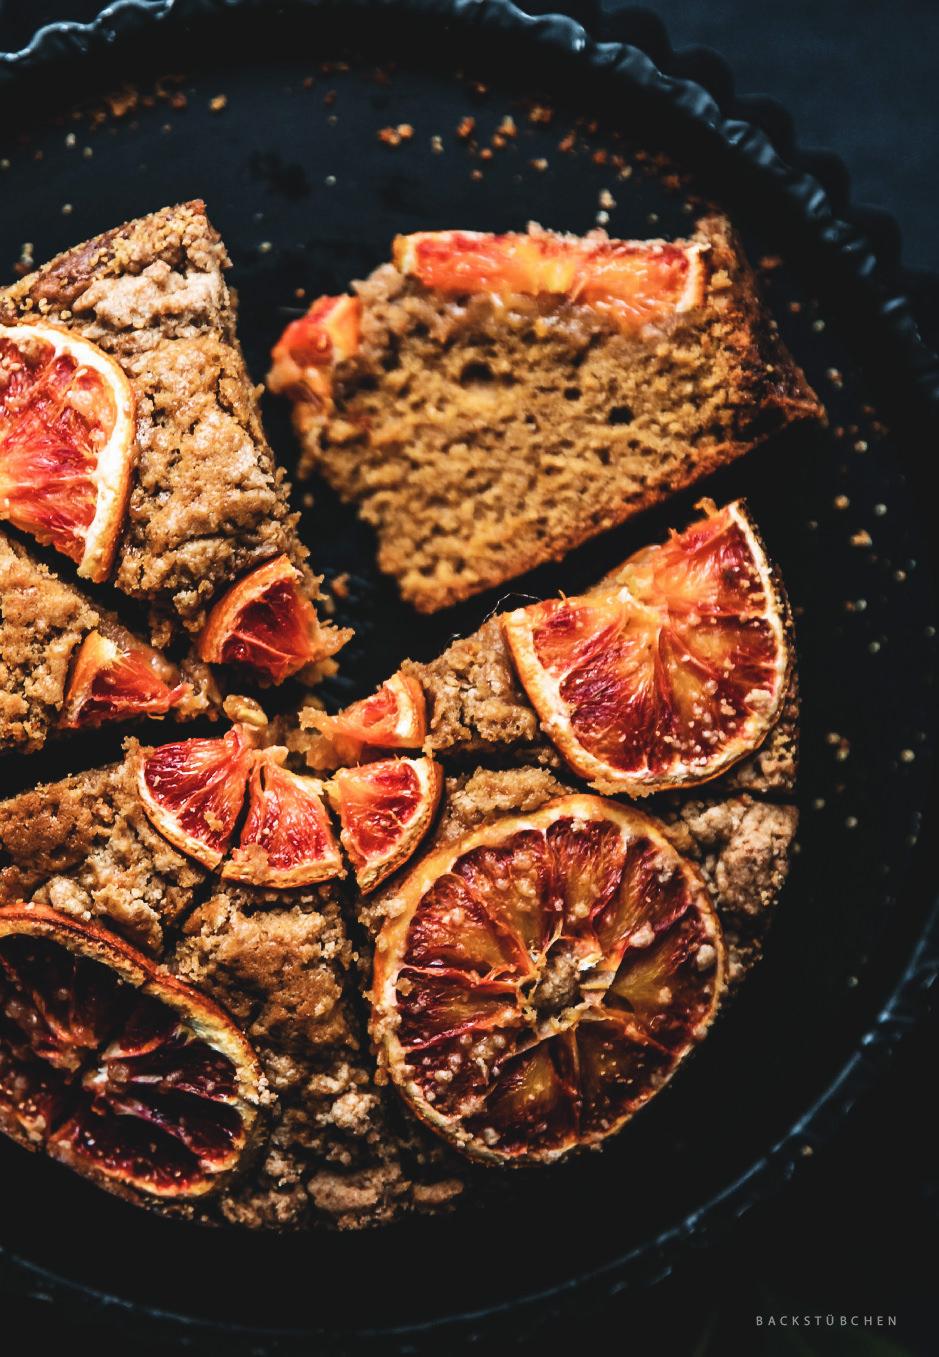 Saftig und fruchtig: So ist der Blutorange-Streusel-Kuchen